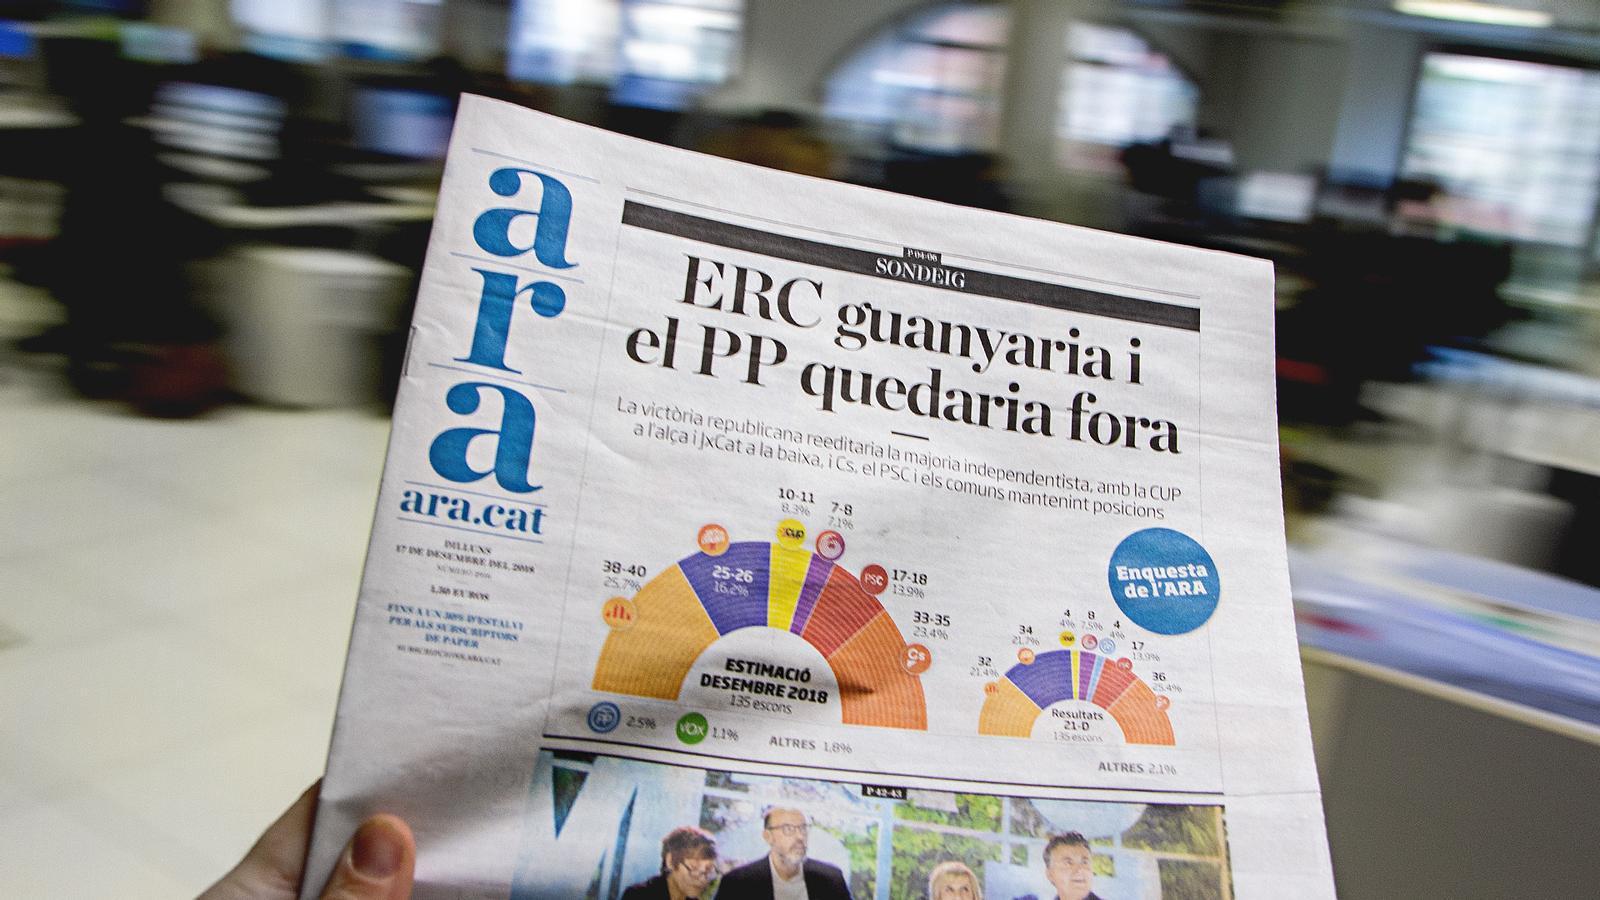 L'anàlisi d'Antoni Bassas: 'Pedro Sánchez i l'enquesta de l'ARA'